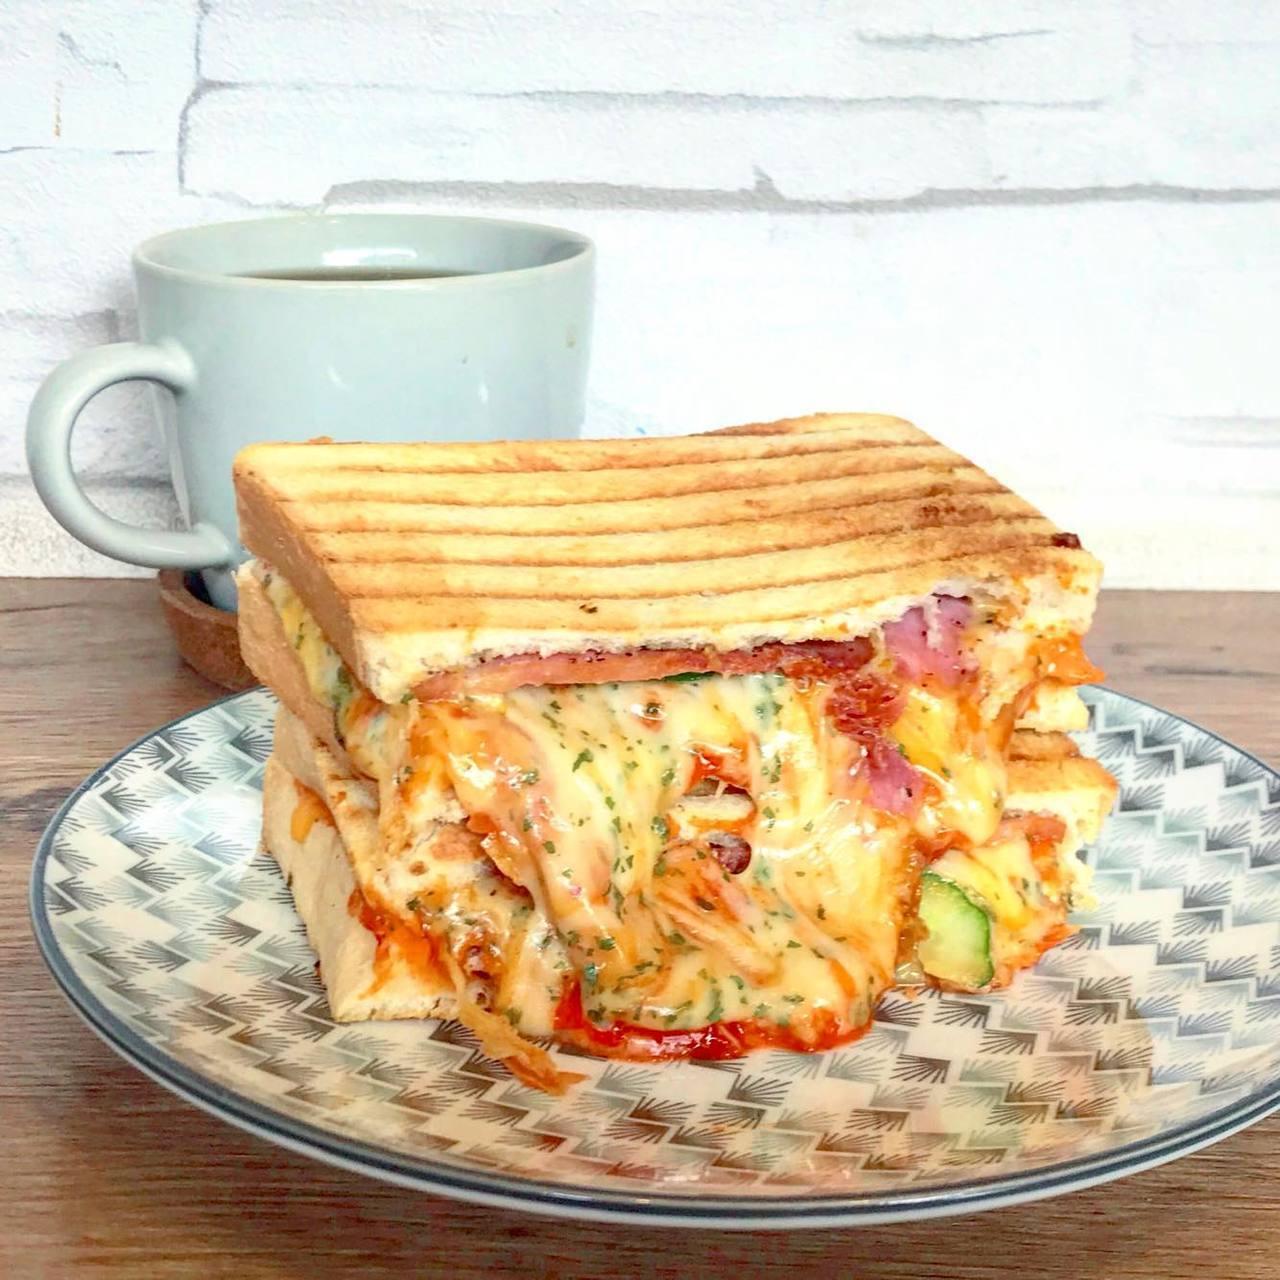 「日安 Ciao早午餐」帕尼尼有多種口味。圖/「日安 Ciao早午餐」提供